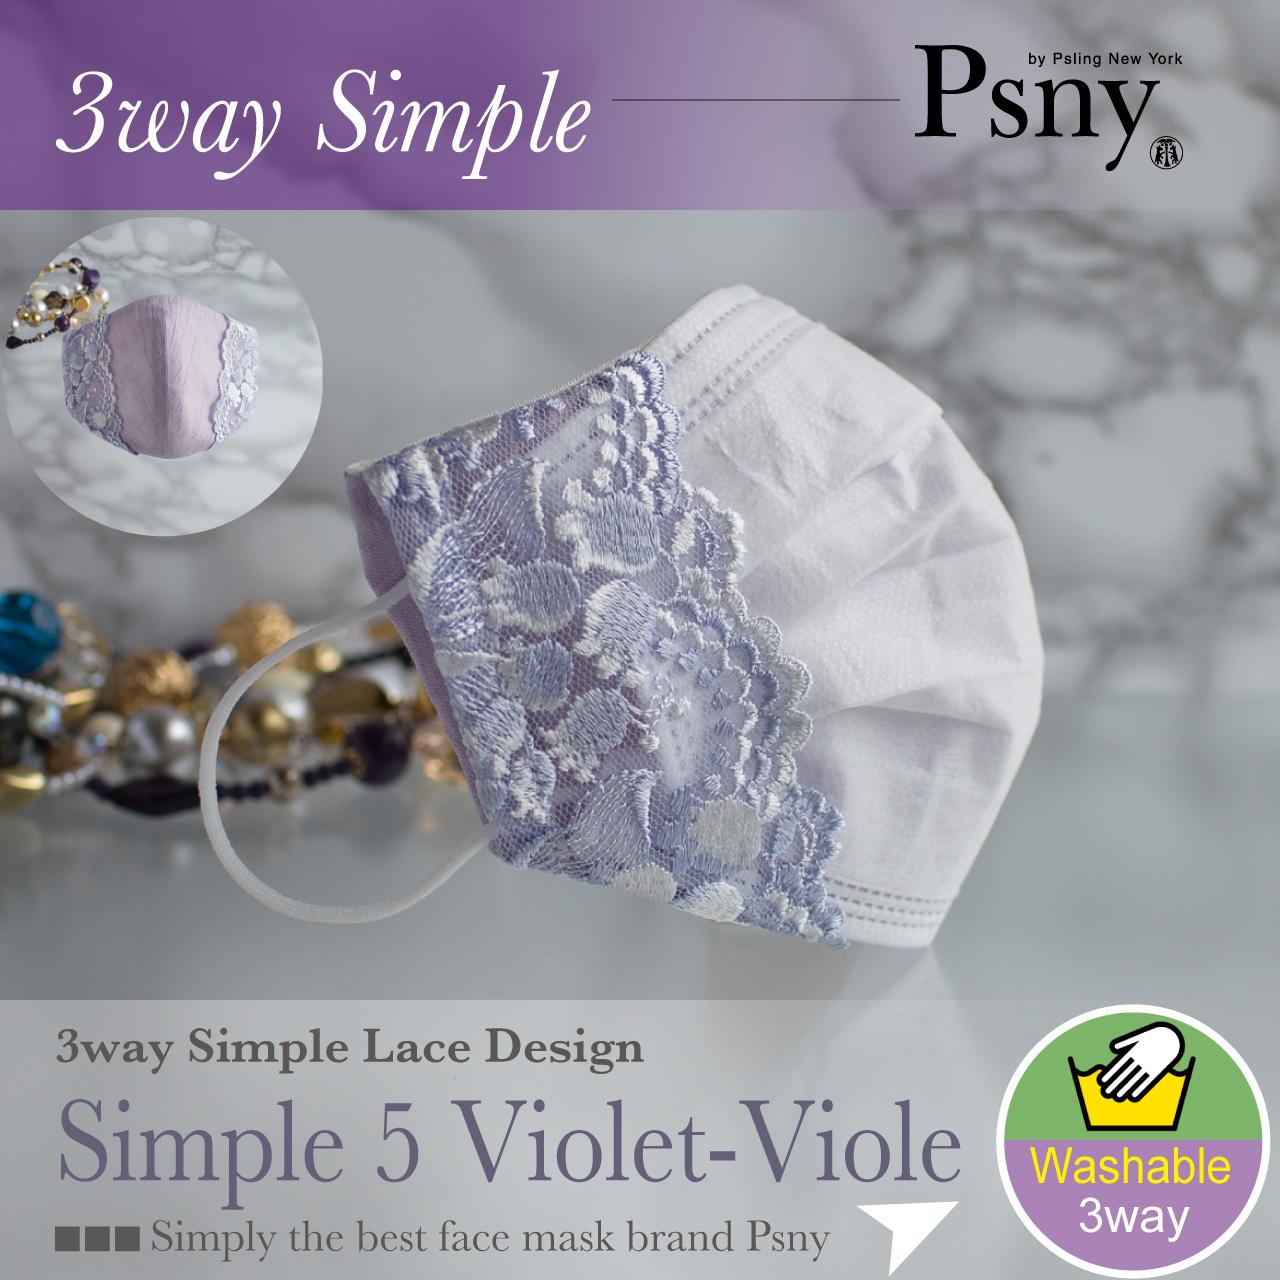 PSNY 3way シンプル レース 5 バイオレット・ヴィオル 不織布マスクを美しくするマスクカバー 立体 2W5